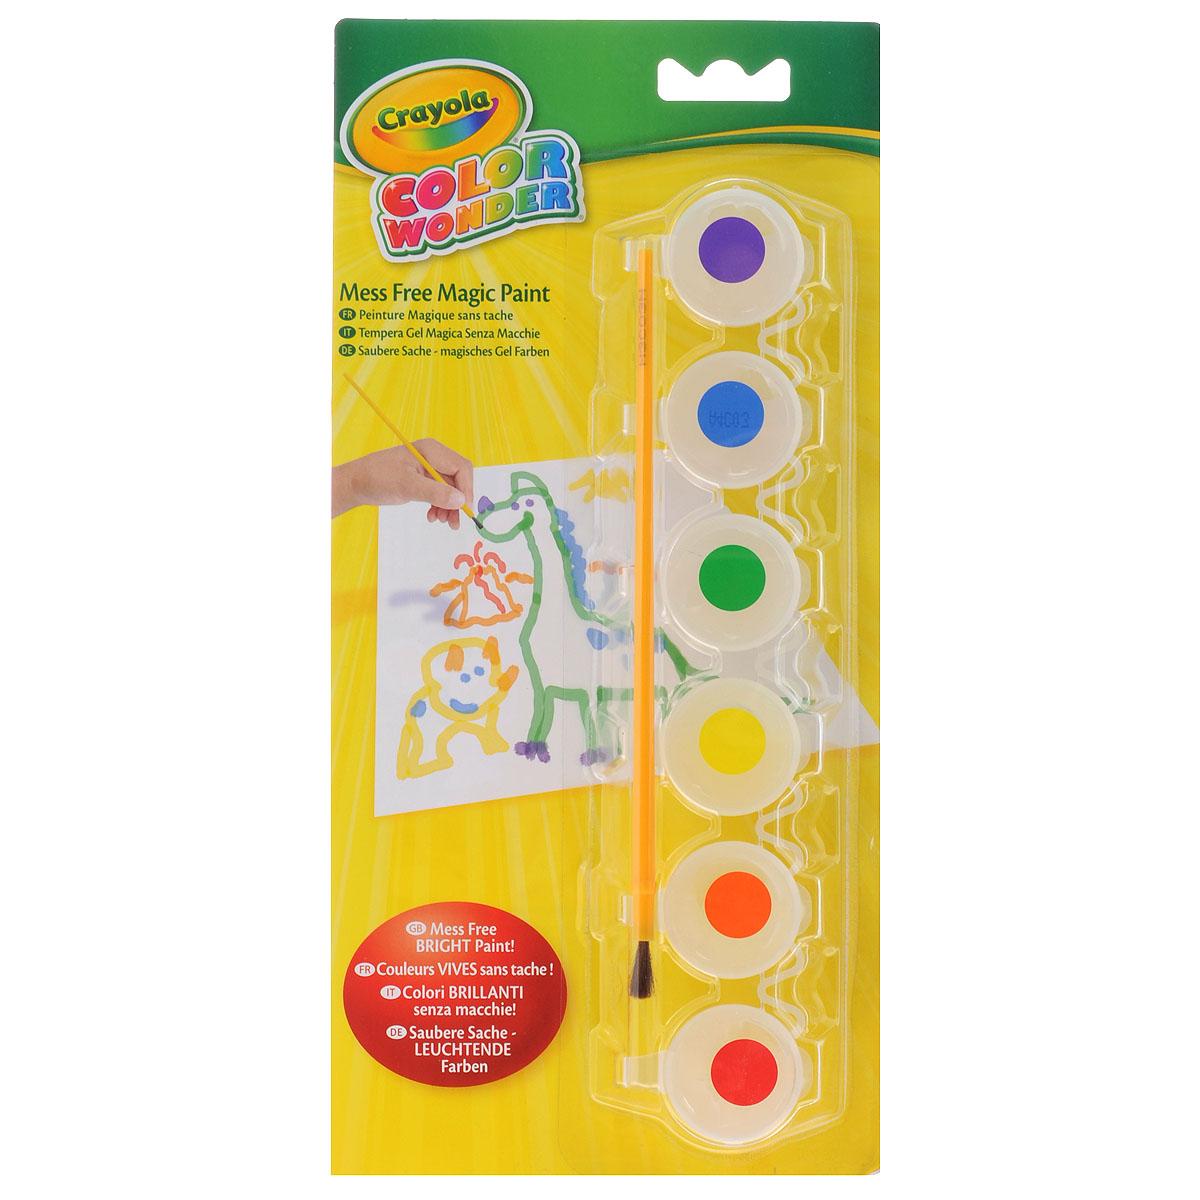 Краски Crayola Color Wonder, 6 цветов75-0220Детское творчество - это по-настоящему волшебный и чудесный процесс. Сделайте его еще более необыкновенным вместе с красками Color Wonder. Этими красками можно рисовать повсюду, но следы они оставят только на специальной бумаге. Не беда, если малыш вооружится кисточкой с краской и решит опробовать свои силы на обоях или ковре - они не будут испорчены. Не испачкается ни сам малыш, ни его одежда, ни рабочее место: краска проявляется только на специальной бумаге Color Wonder. В набор входят краски 6 ярких цветов (фиолетовая, синяя, зеленая, желтая, оранжевая, красная) и удобная пластиковая кисточка. Краска каждого цвета хранится в отдельной пластиковой баночке с плотно закрывающейся крышкой. В процессе рисования у детей развивается наглядно-образное мышление, воображение, мелкая моторика рук, творческие и художественные способности, вырабатывается усидчивость и аккуратность.